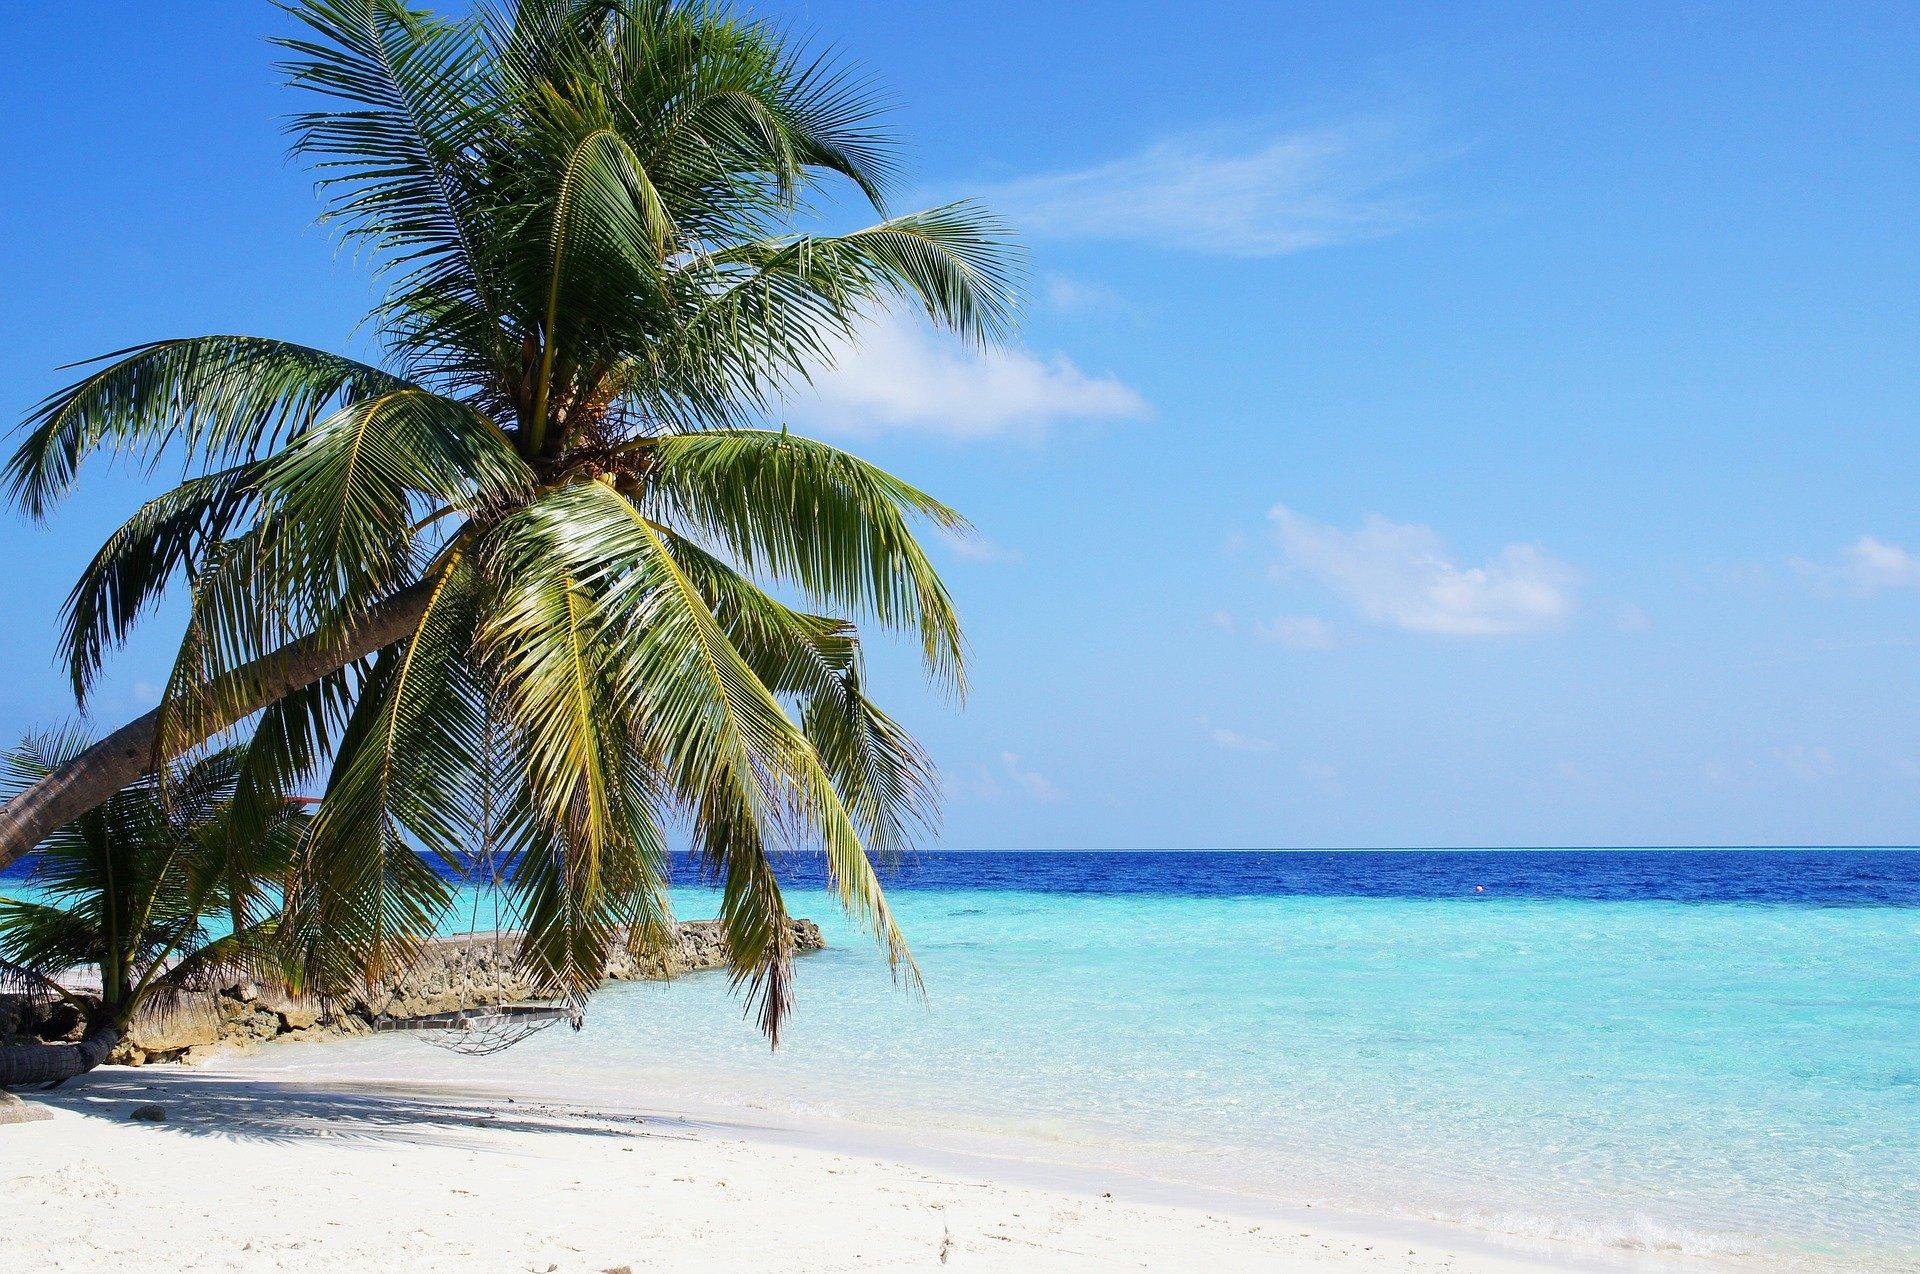 offerte gennaio 2020 maldive